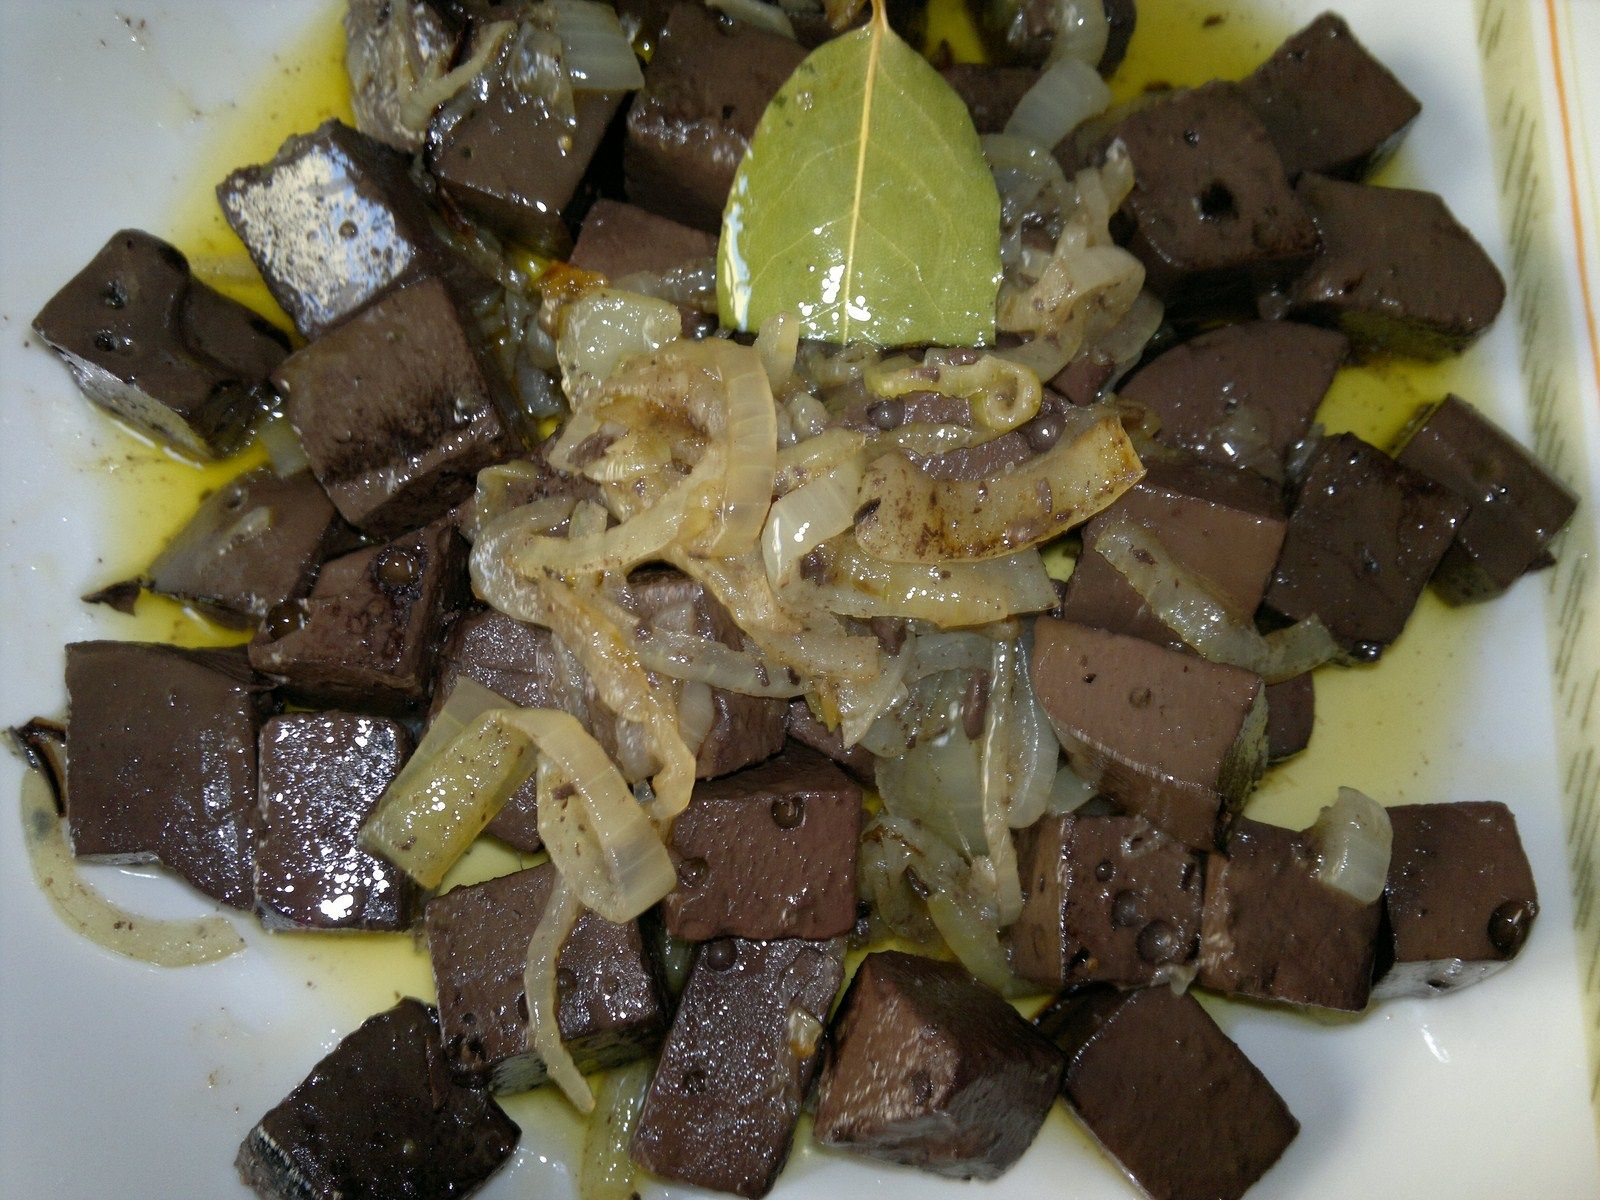 Ingredientes Para Dos Personas 500 Gr De Sangre Hervida De Pollo 3 Cebollas Grandes Medio Vaso De Recetas De Comida Casera Comida Casera Carne Con Tomate